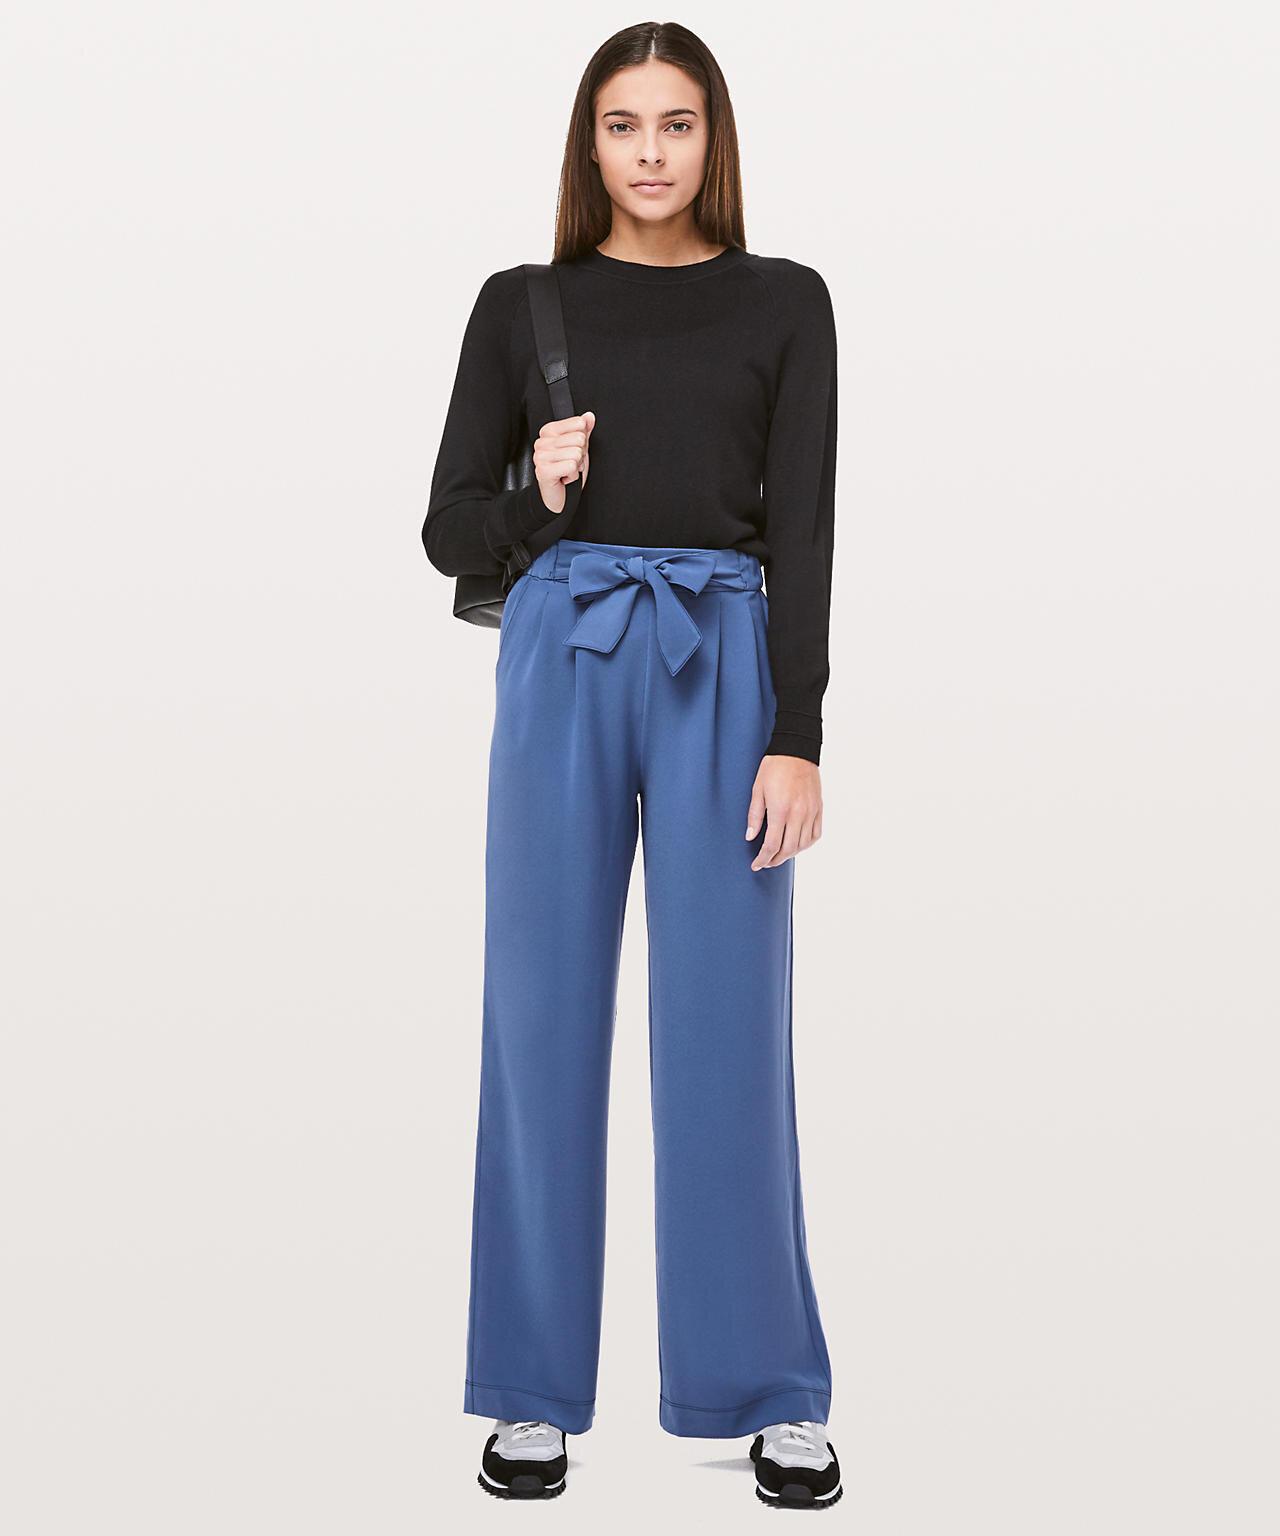 Noir Pant Full Length